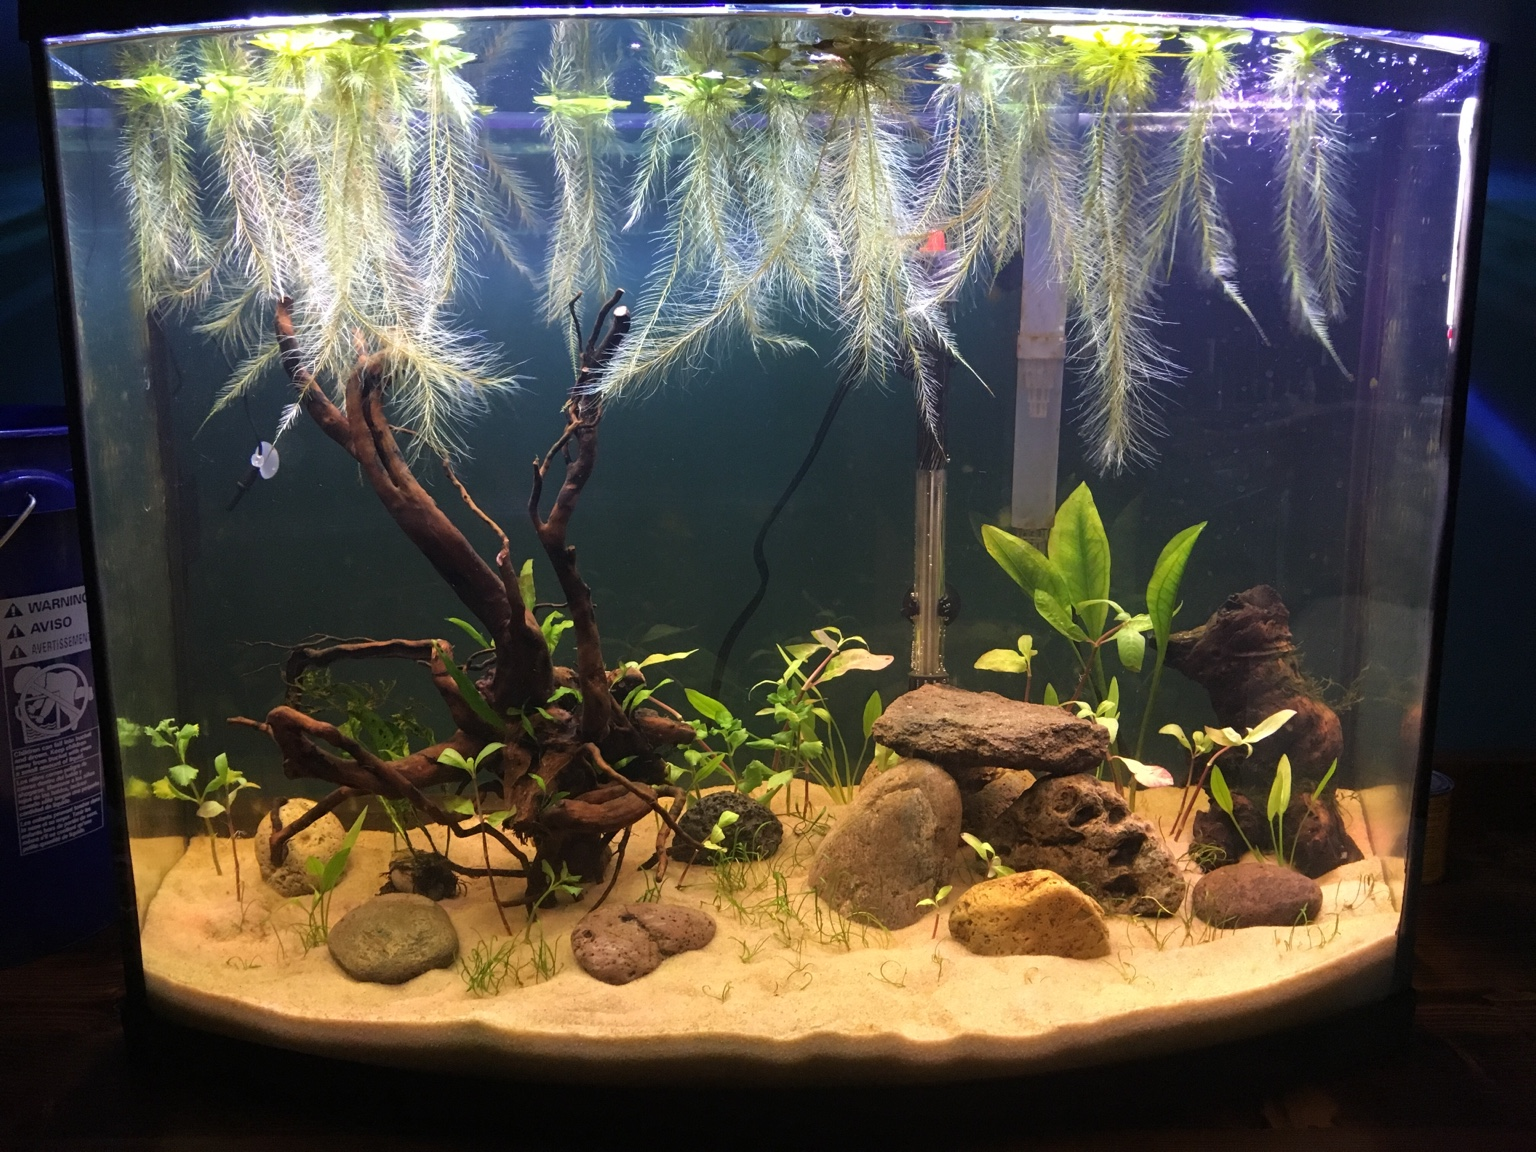 Dwarf Water Lettuce Vs Frogbit